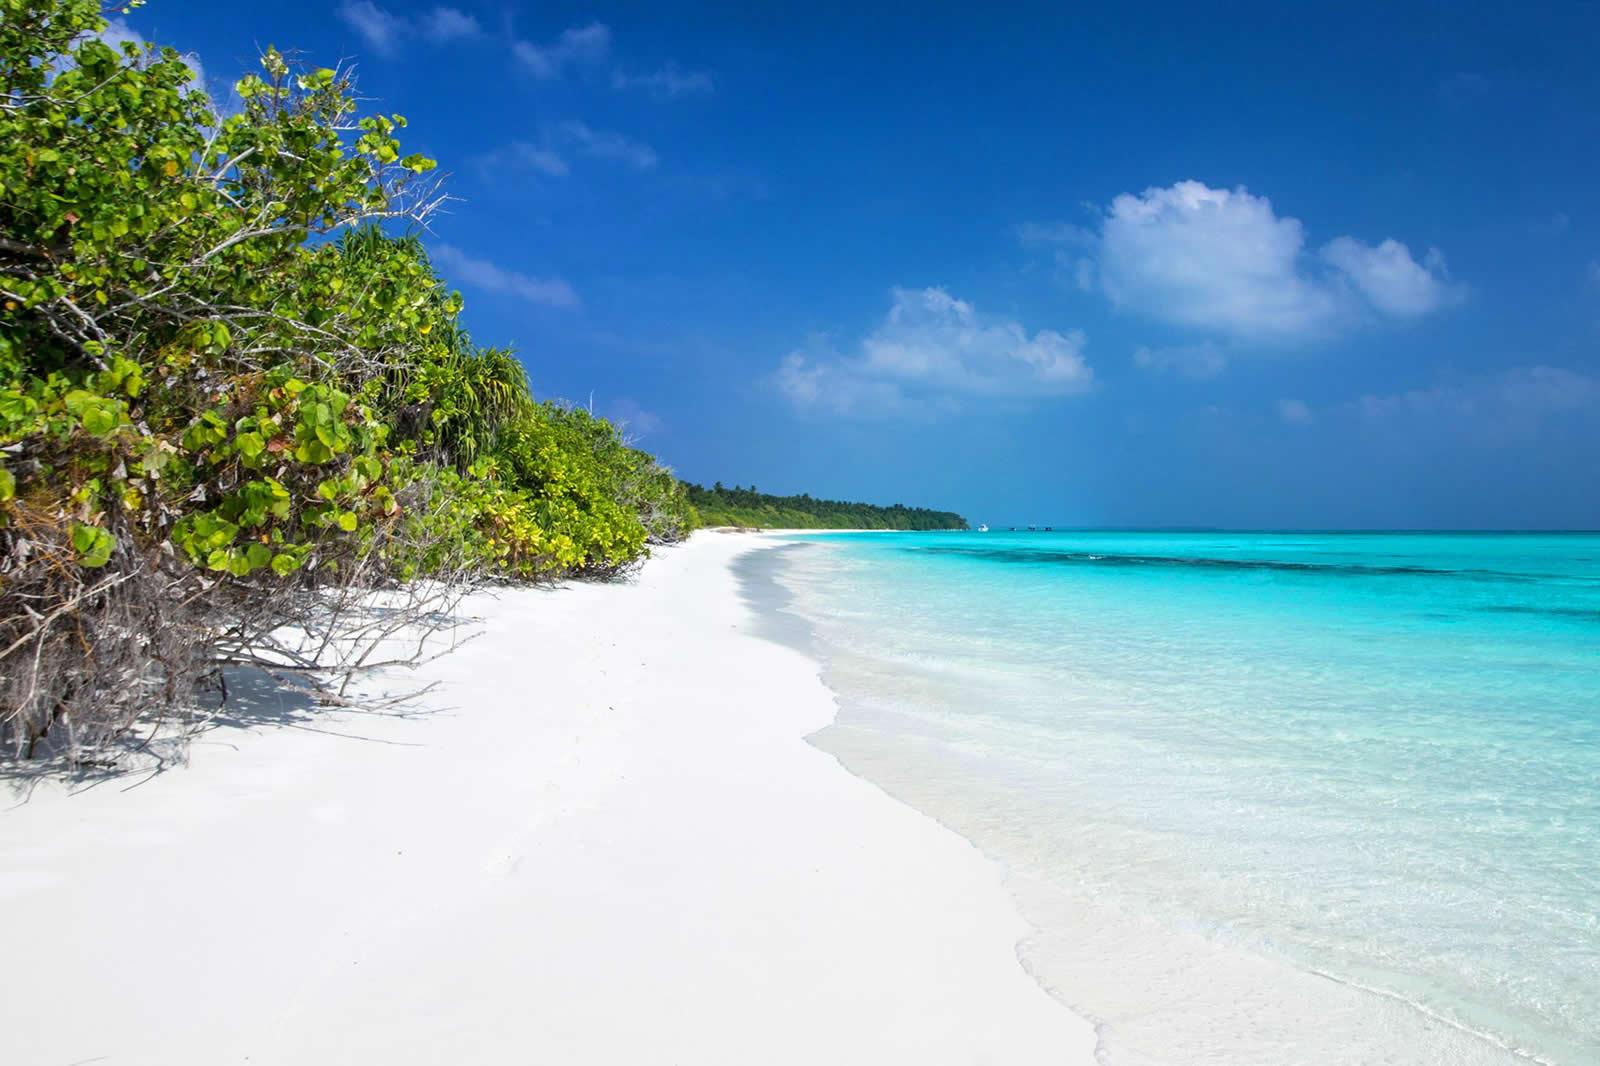 Fulhadhoo's beaches